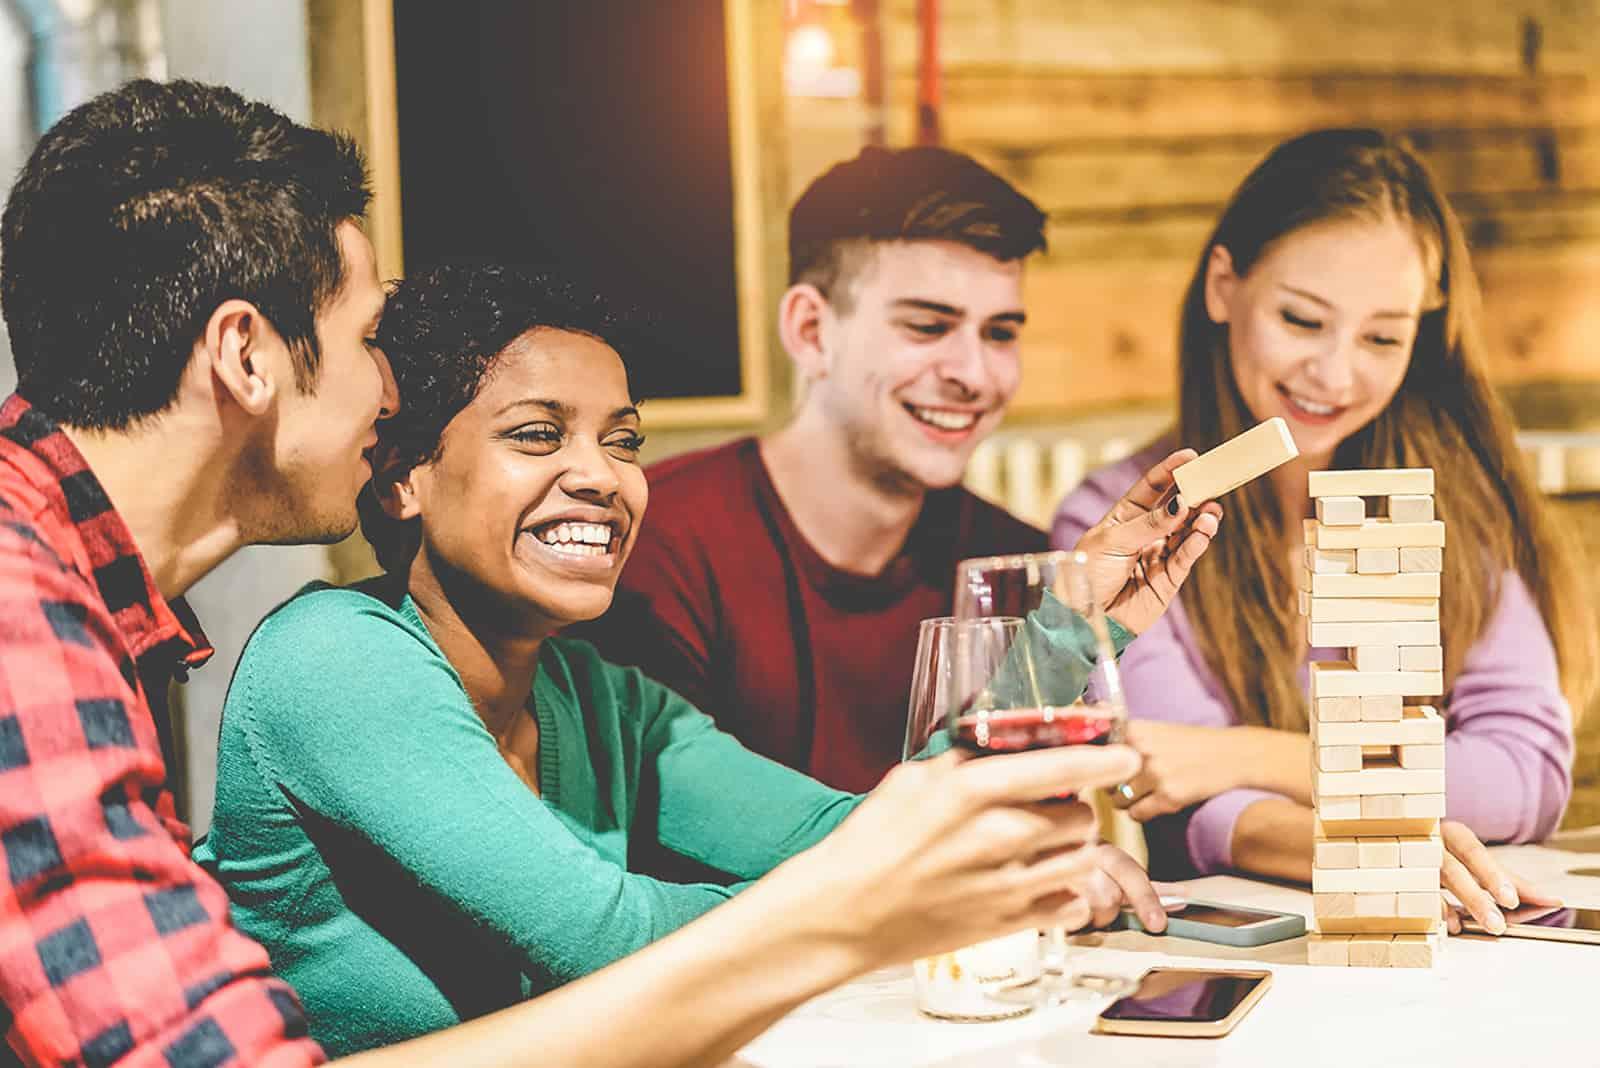 Zwei Paare spielen zu Hause ein Jenga-Spiel und trinken Wein